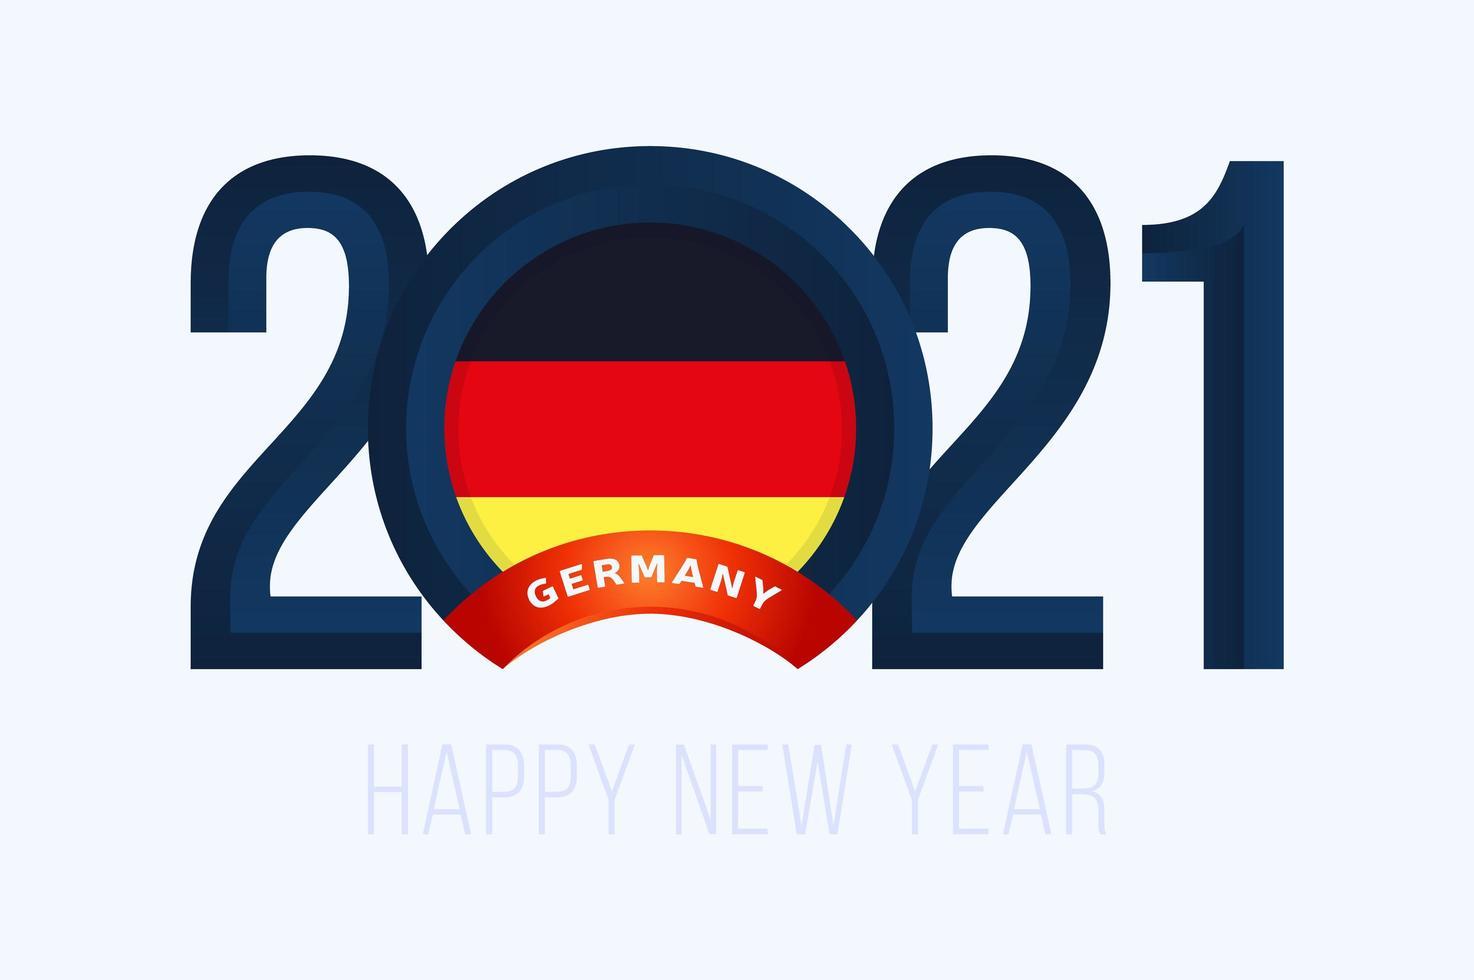 typographie du nouvel an 2021 avec le drapeau de l'allemagne vecteur